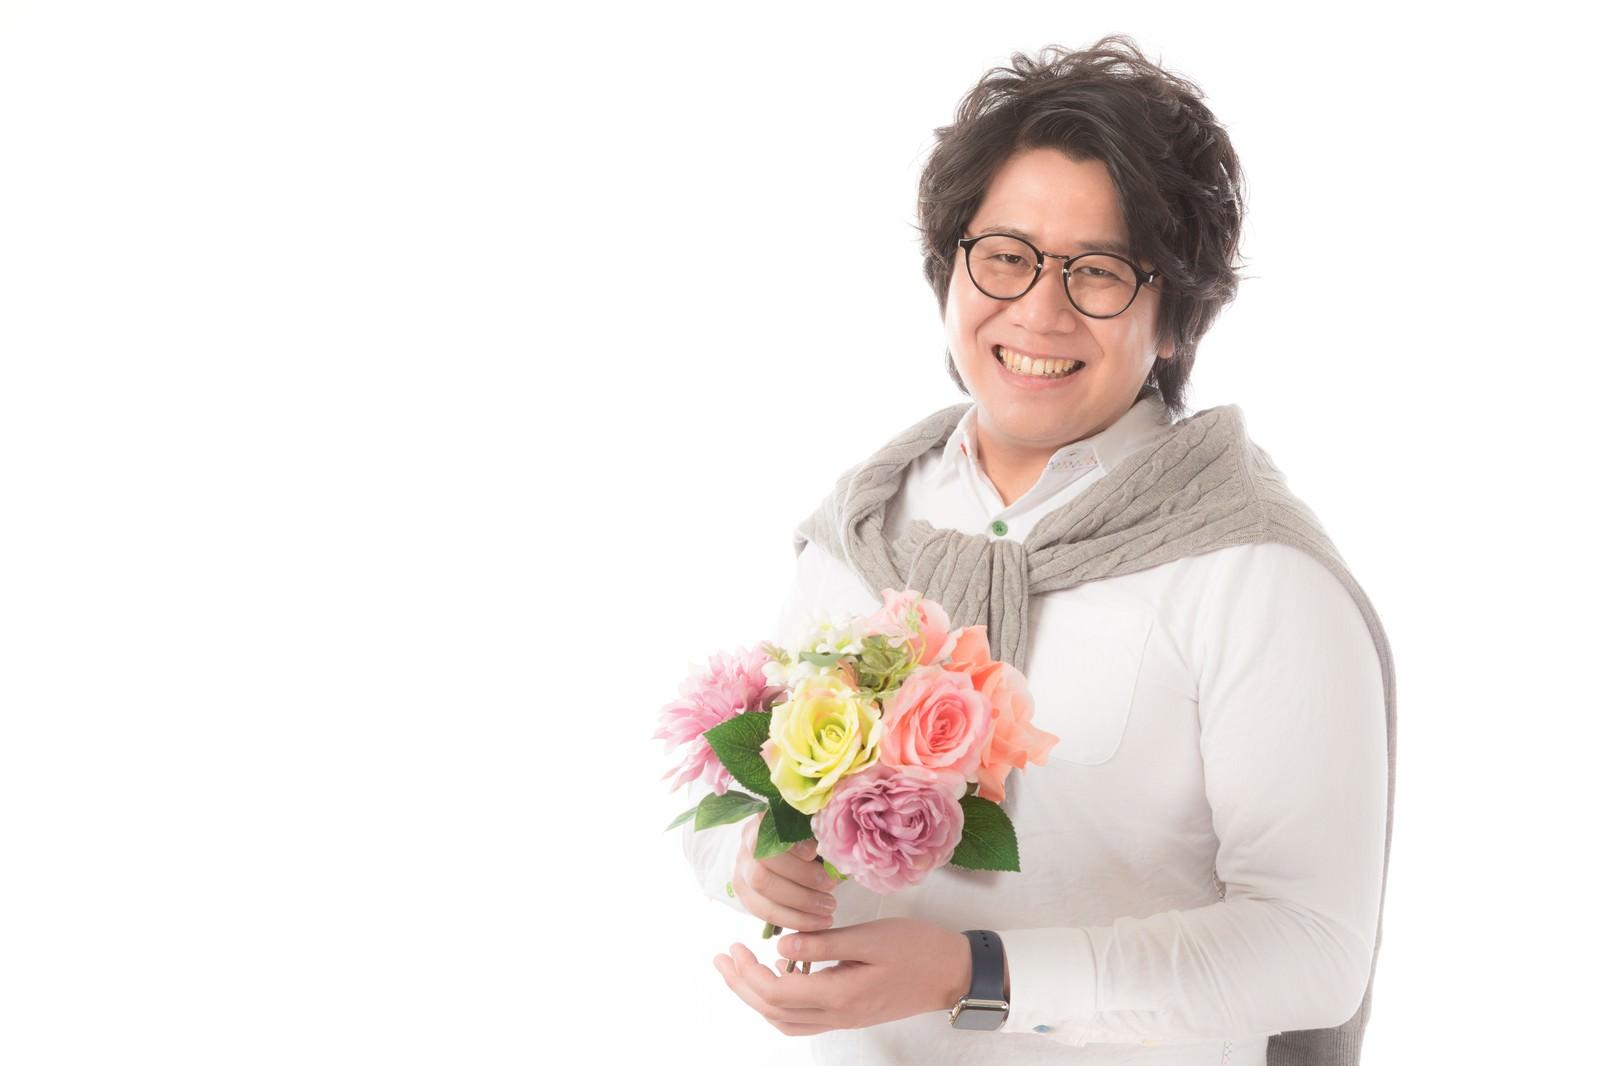 母の日に花をプレゼントする大手広告代理店勤務母の日に花をプレゼントする大手広告代理店勤務 [モデル:朽木誠一郎]